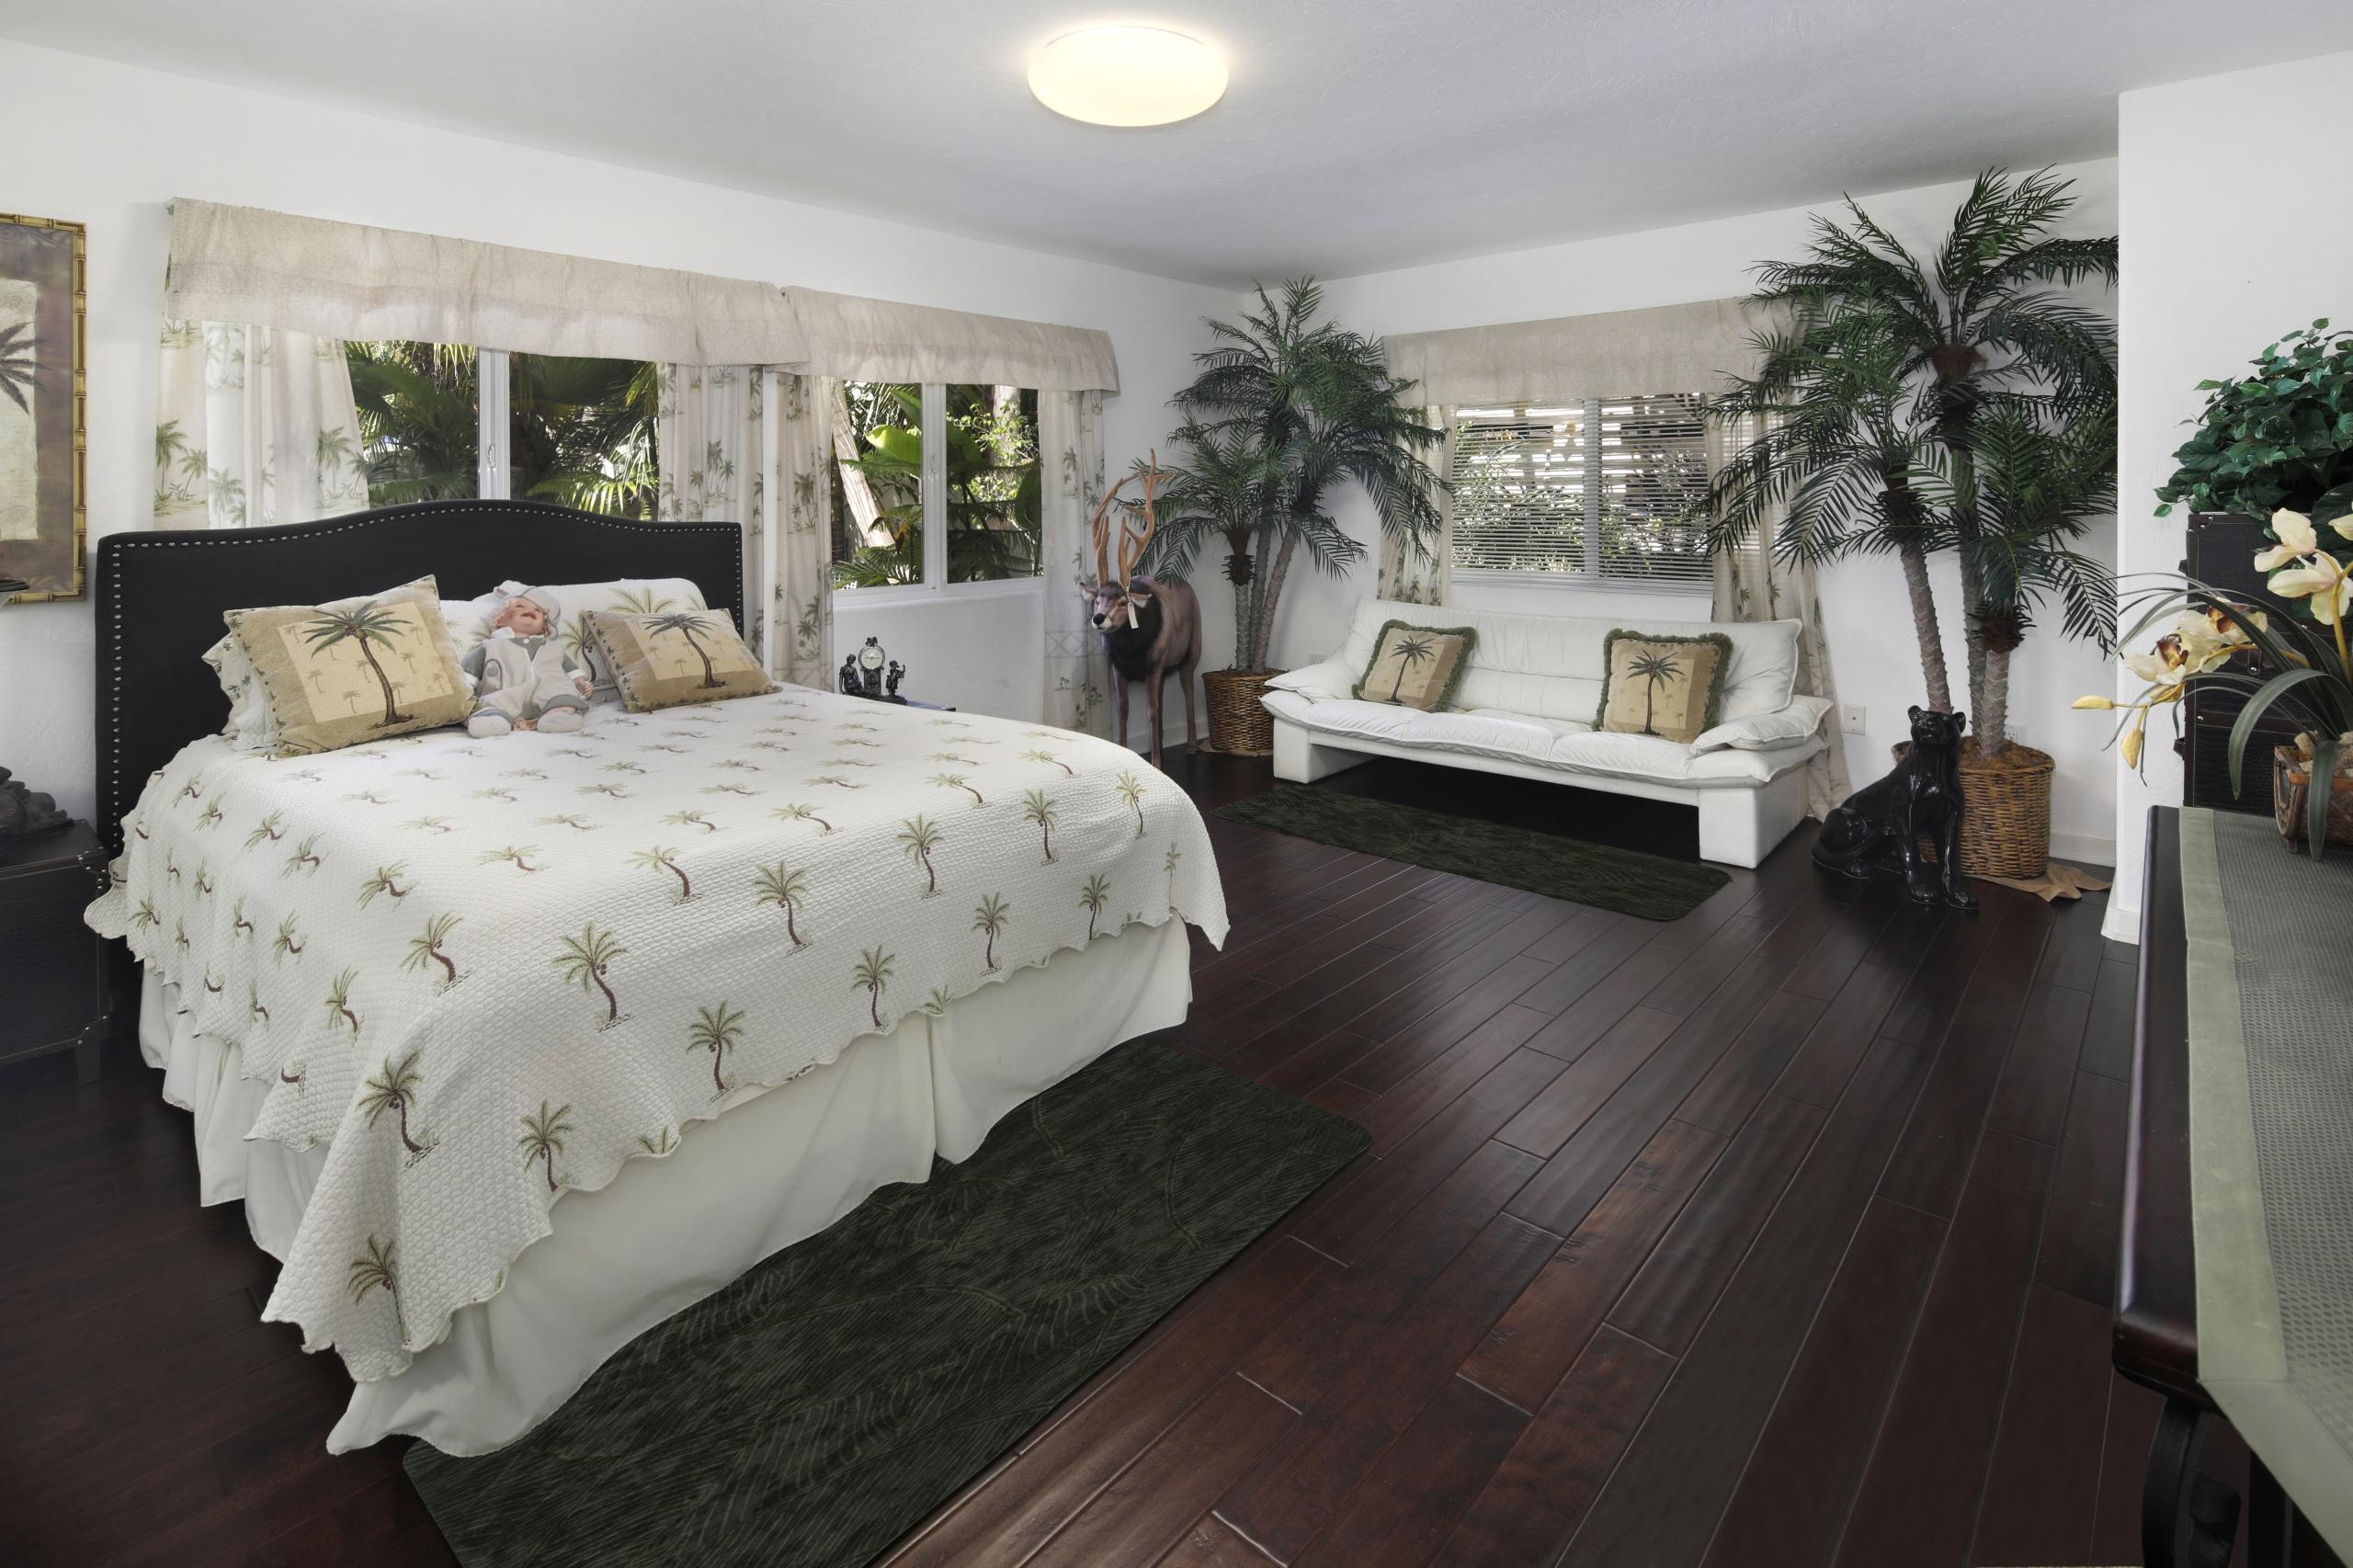 Фотография Спальня Интерьер Диван Кровать Подушки Дизайн 2560x1706